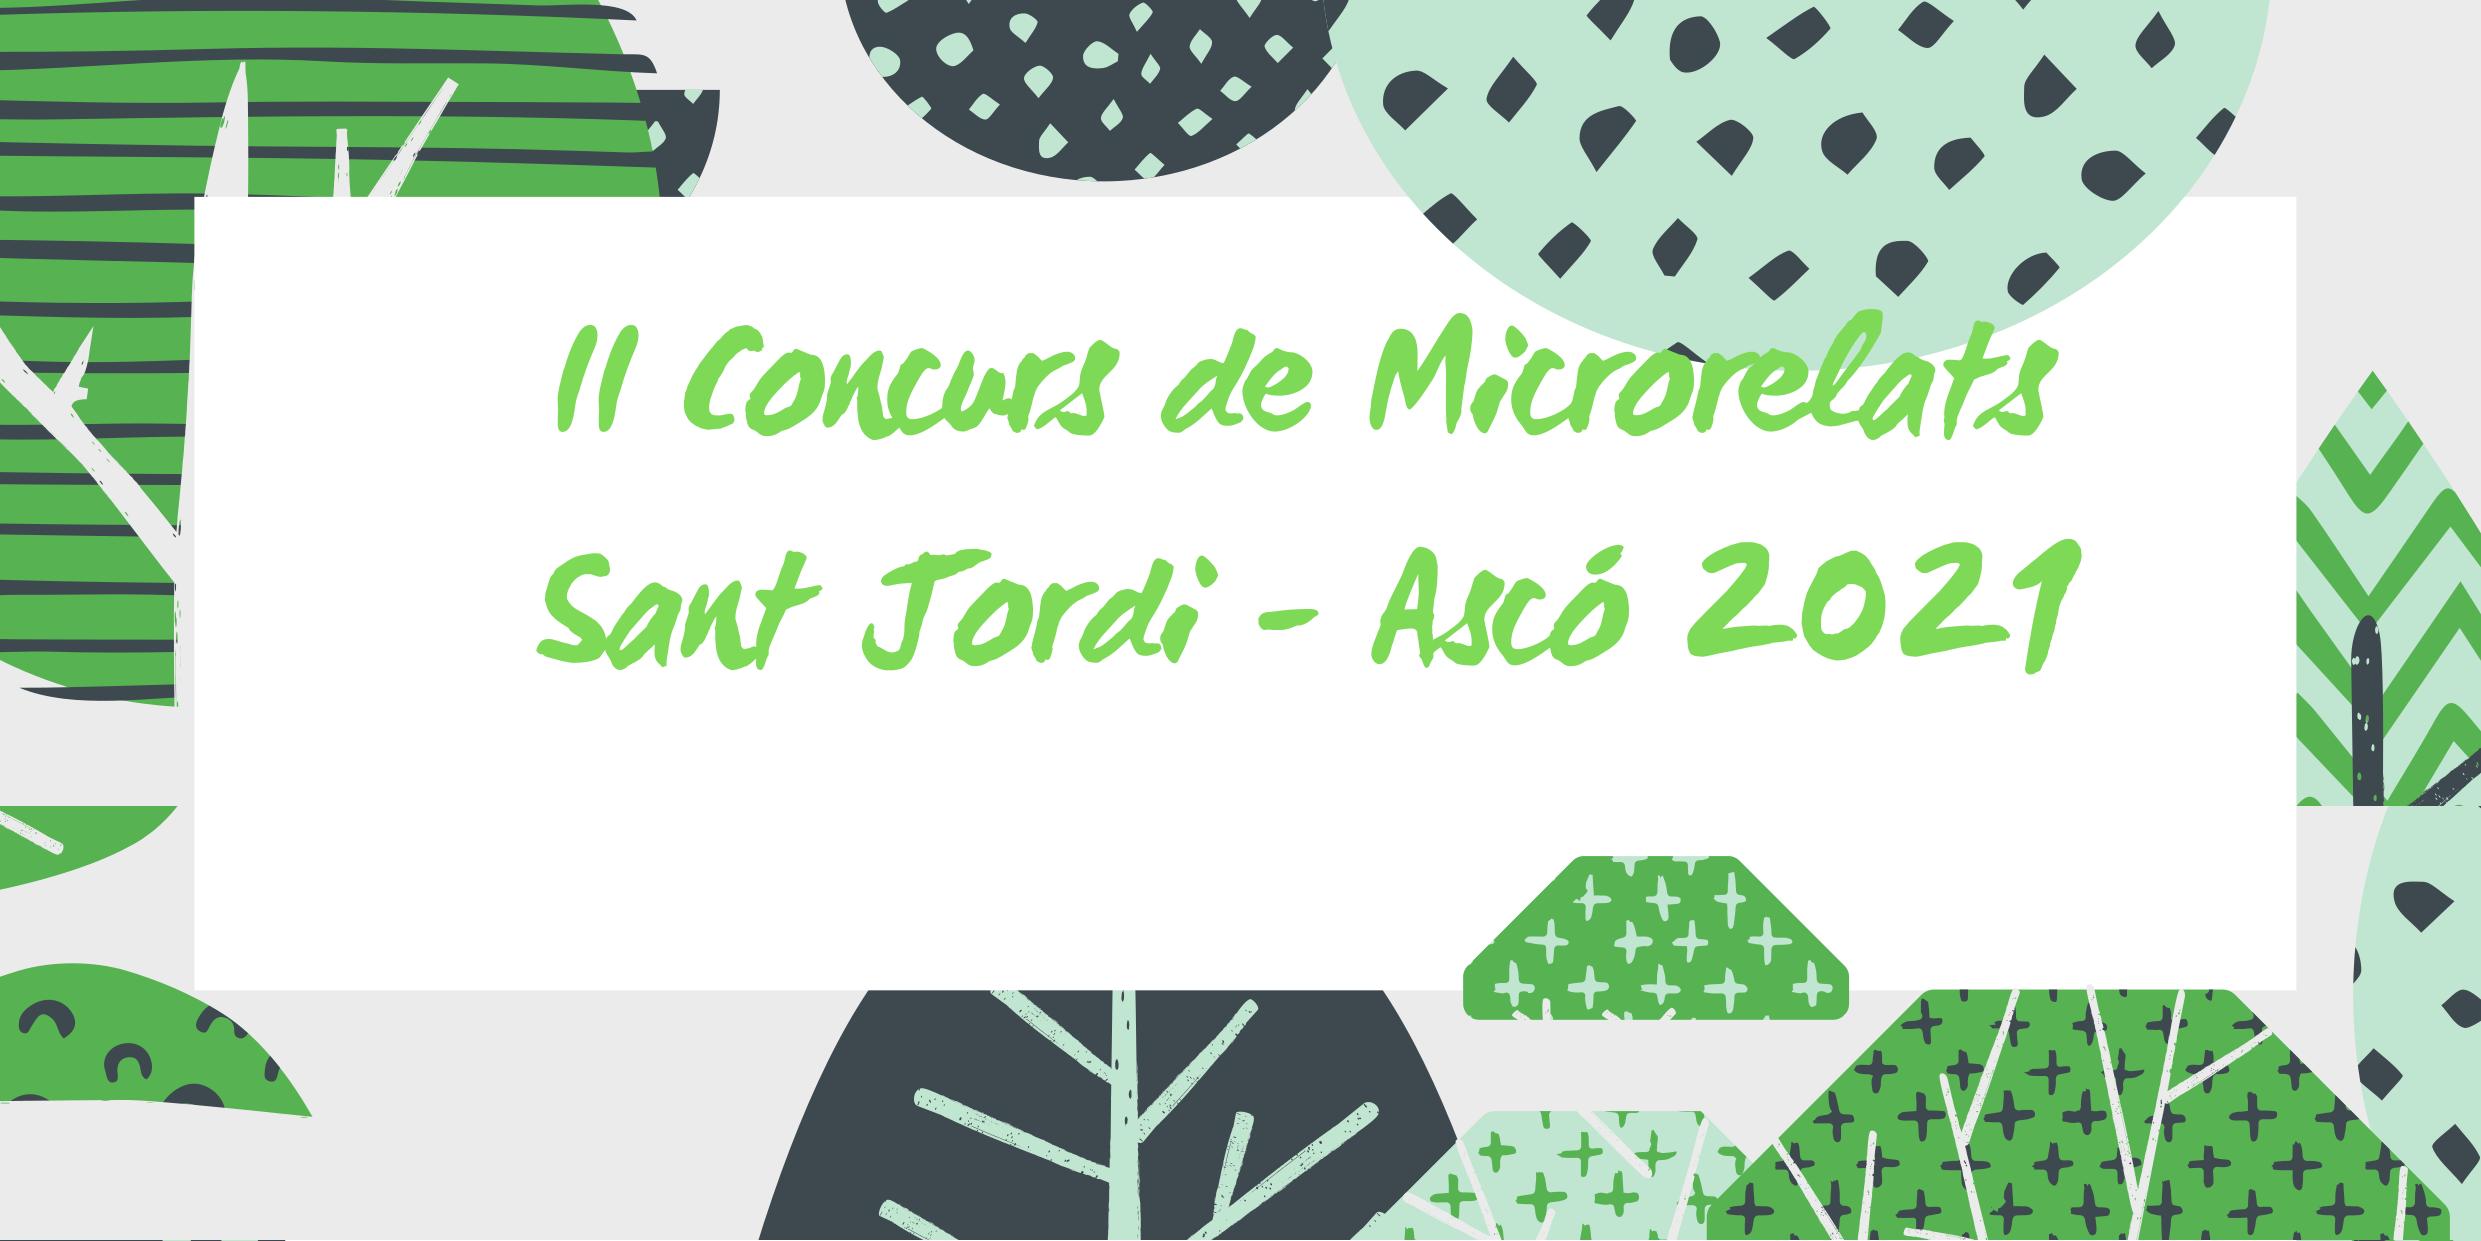 II CONCURS DE MICRORELATS SANT JORDI ASCÓ 2021